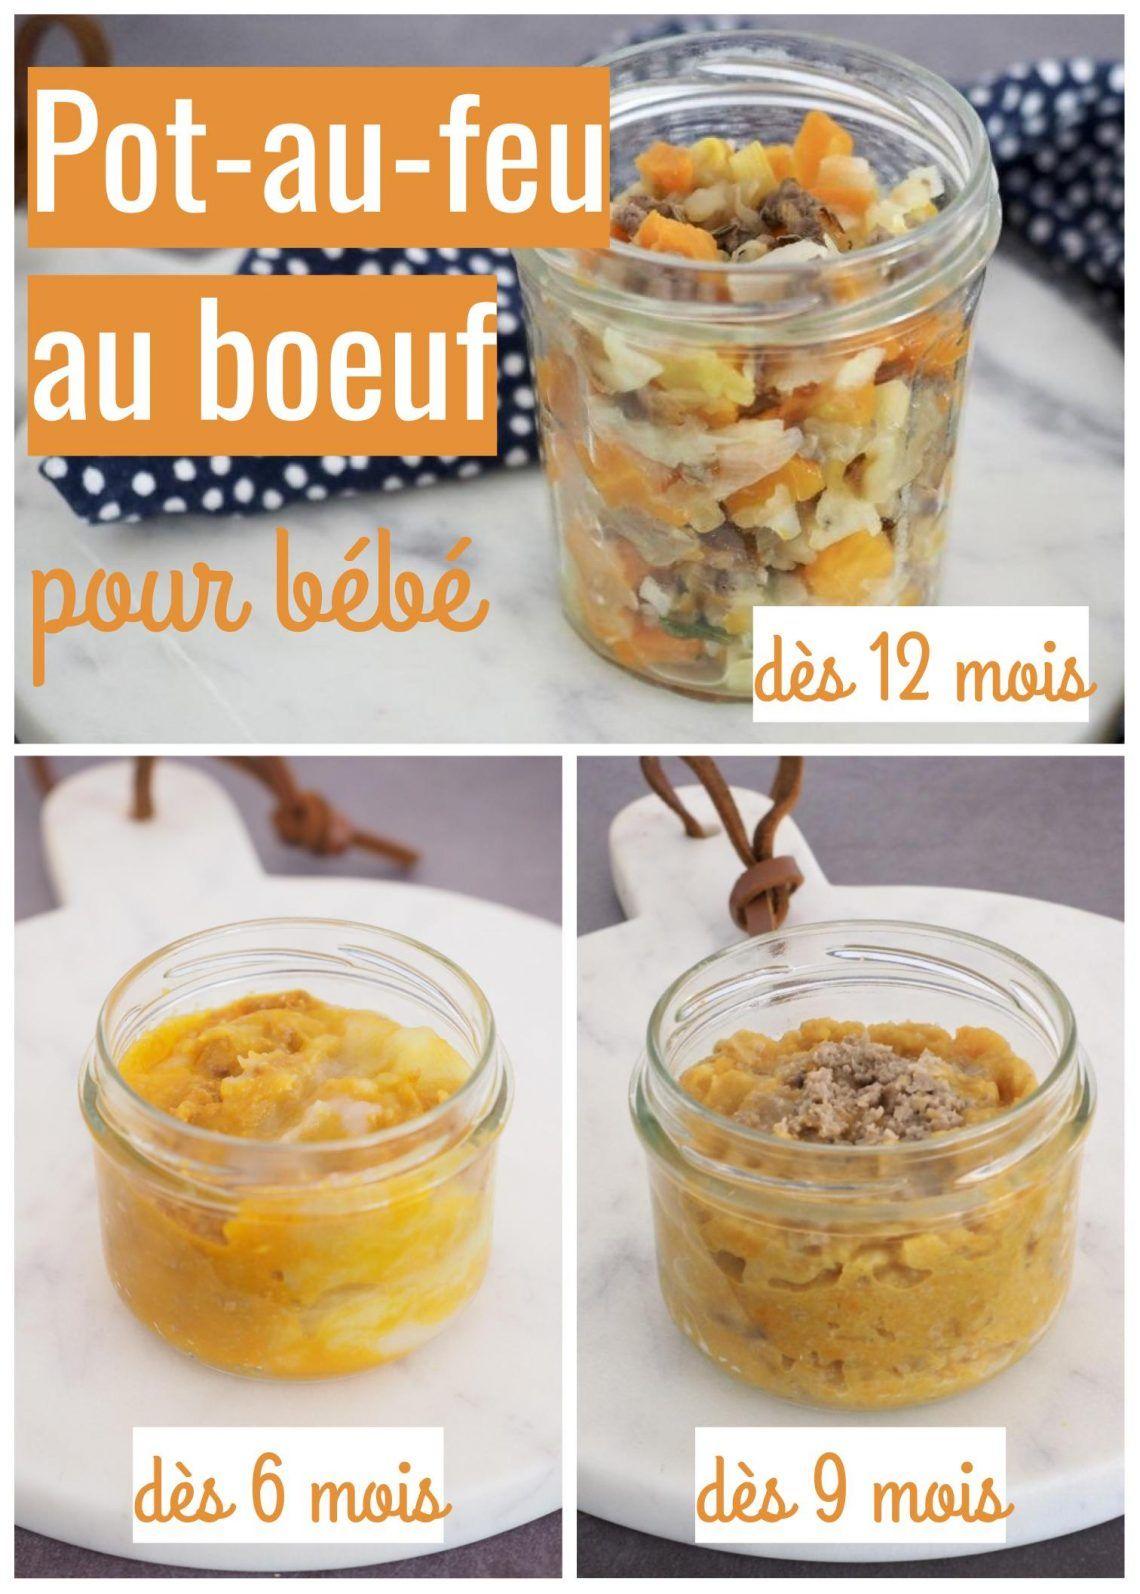 Petit Pot Au Feu Au Boeuf Cuisinez Pour Bebe Recette Aliments Pour Bebe Faits Maison Repas Pour Bebe Faits Maison Recette